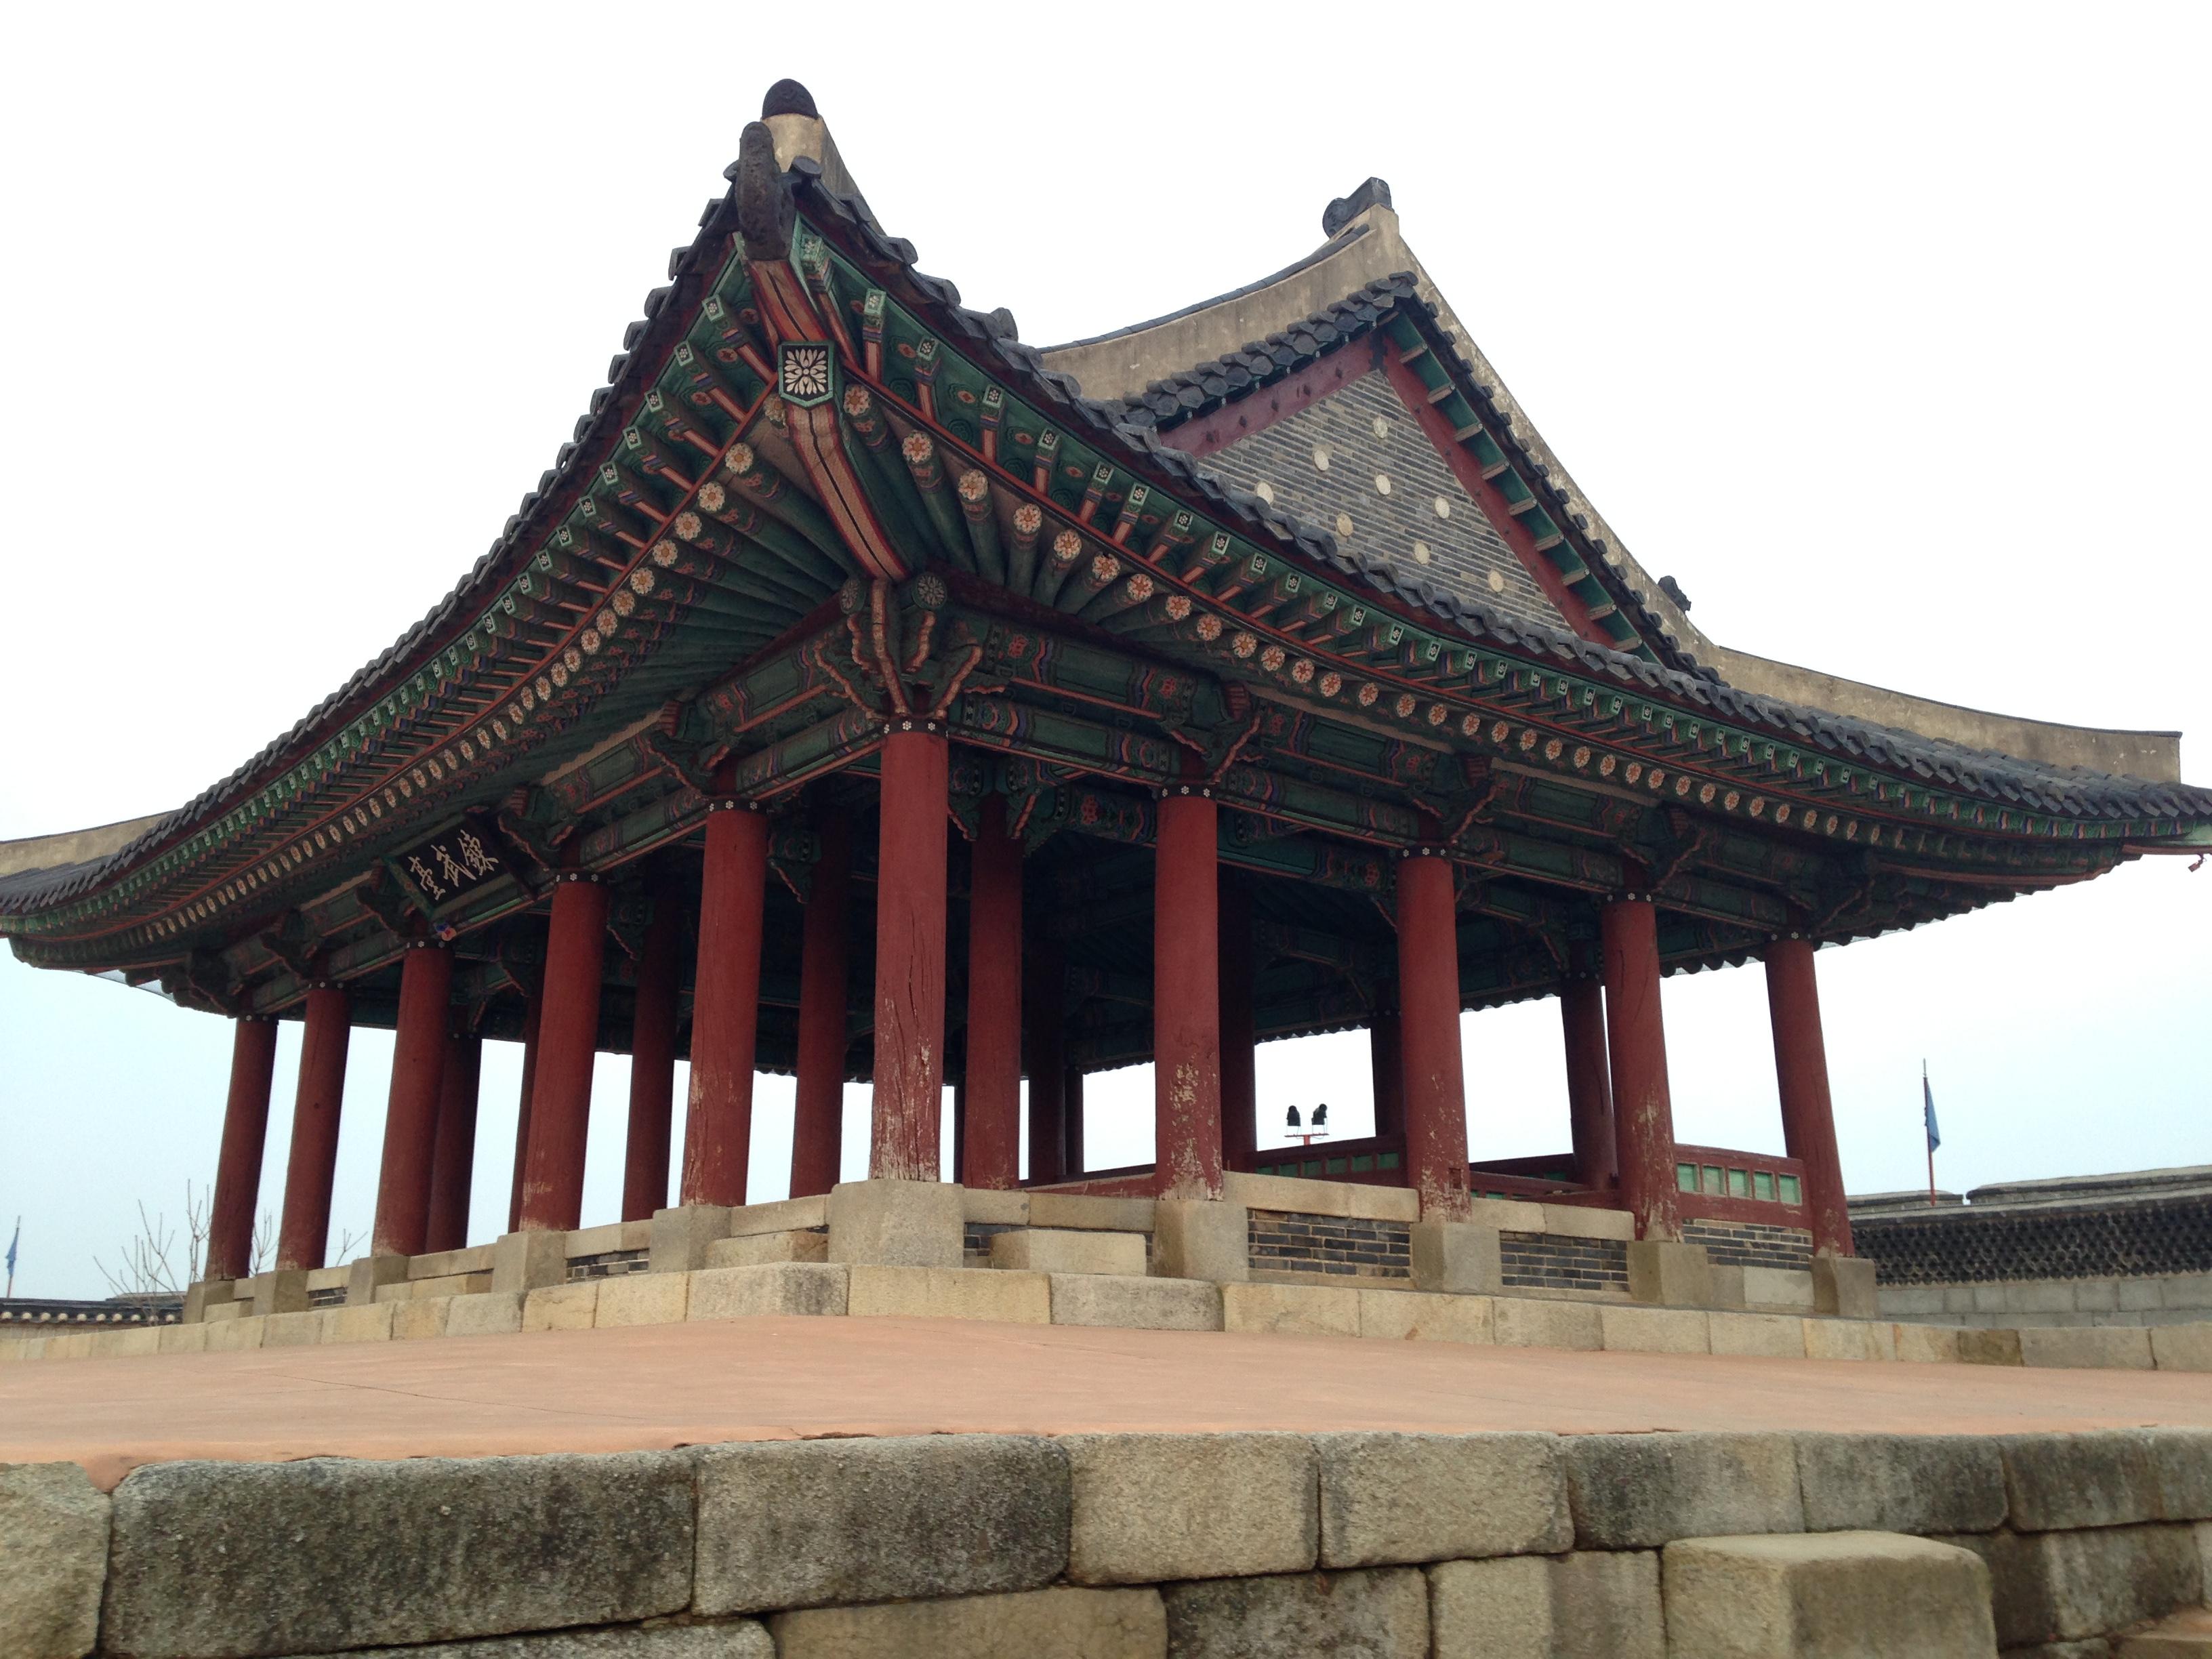 冬の韓国とソルラル(旧正月)